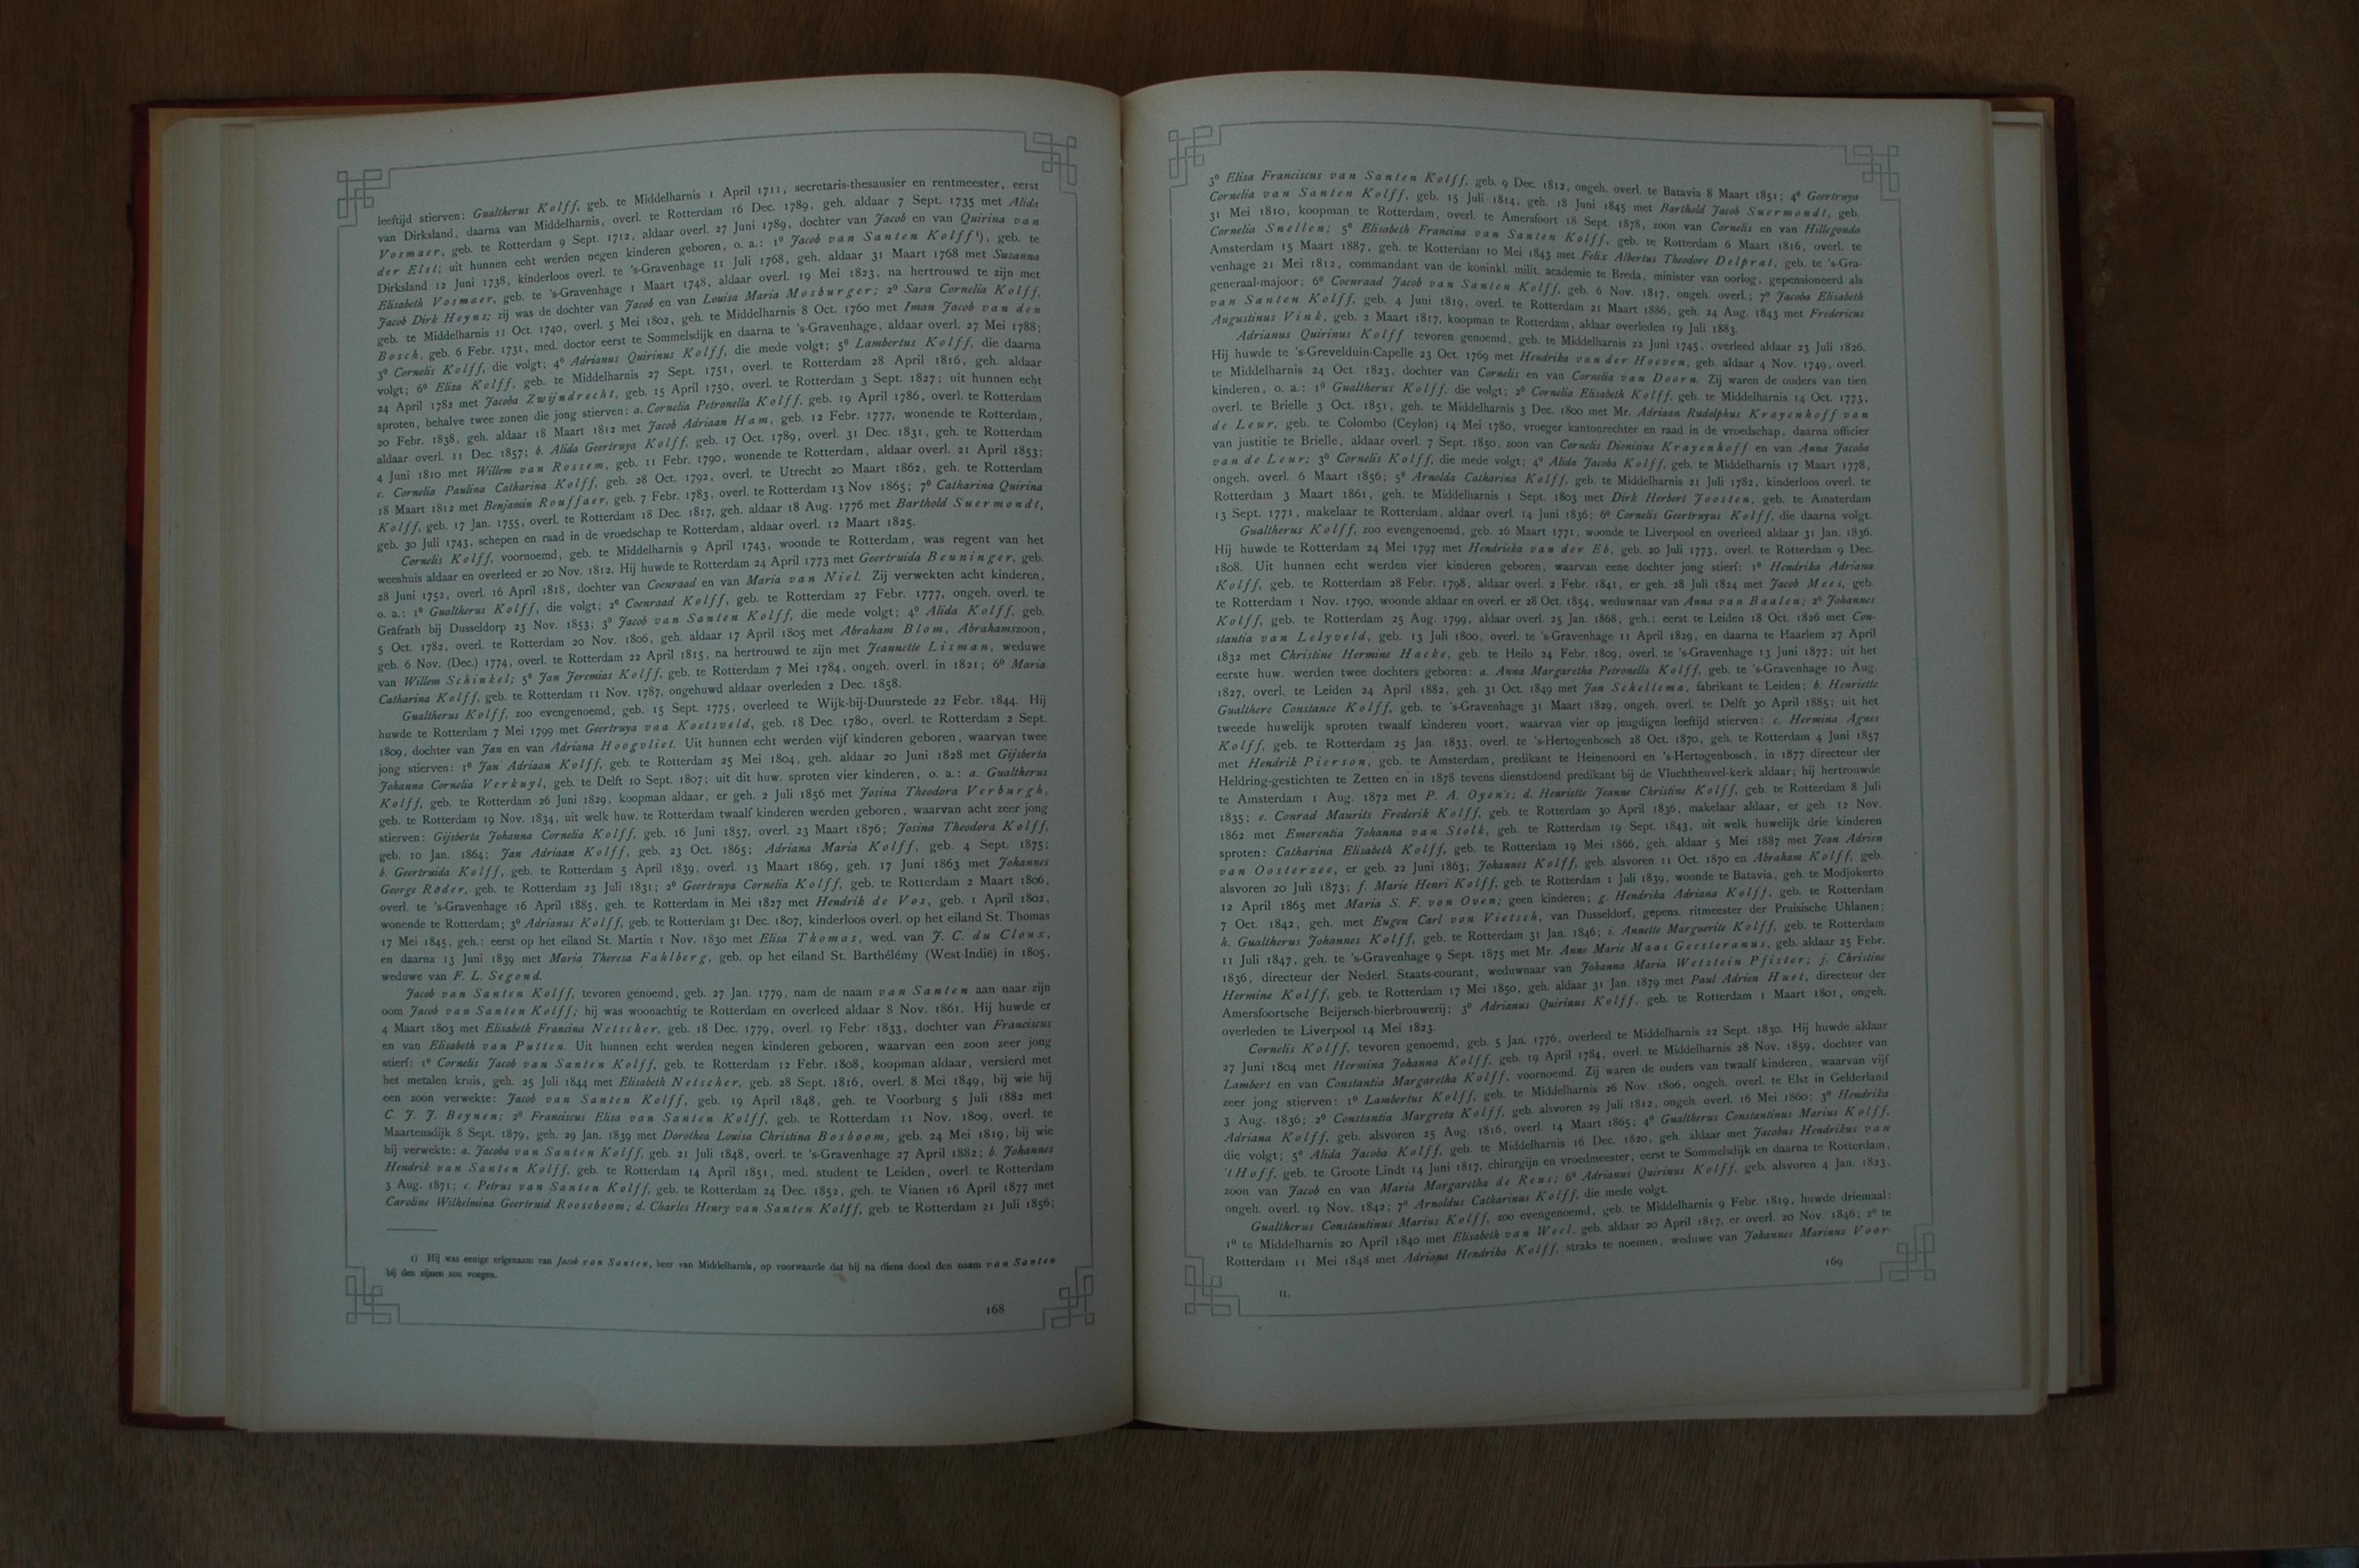 tekst_uitleg book leafs typography scripts objects open serif